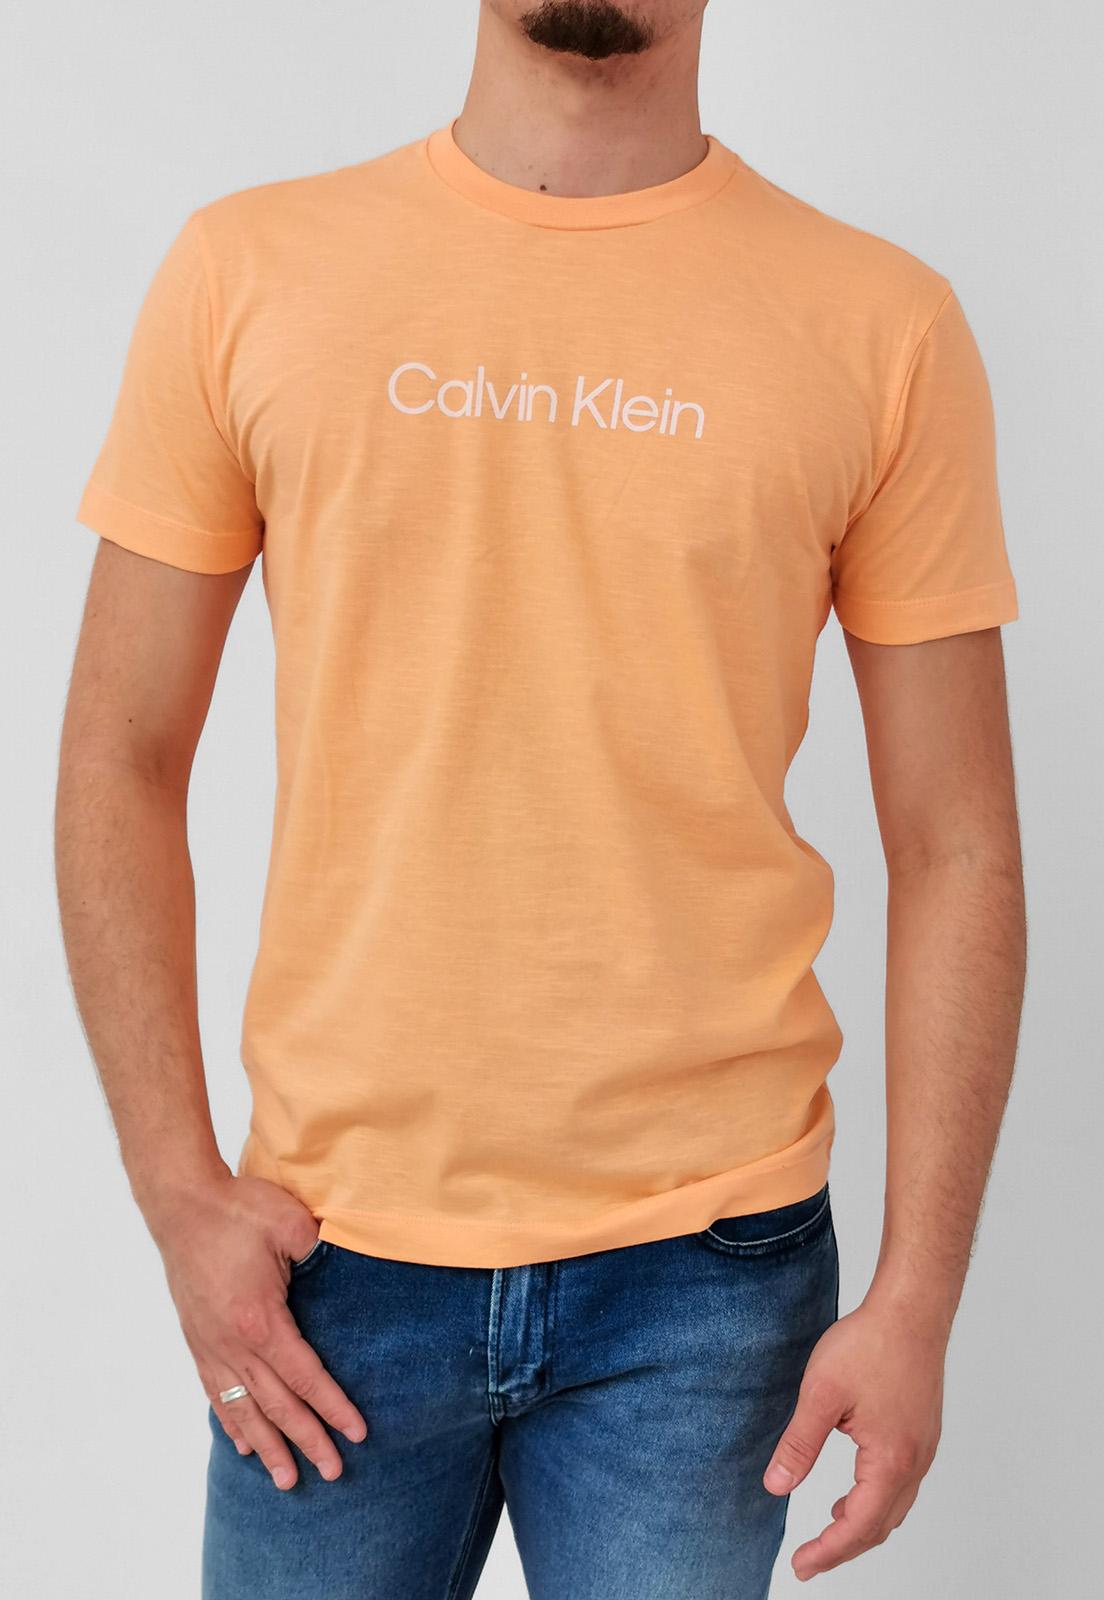 Casmiseta Calvin Klein Flamê Laranja Logo